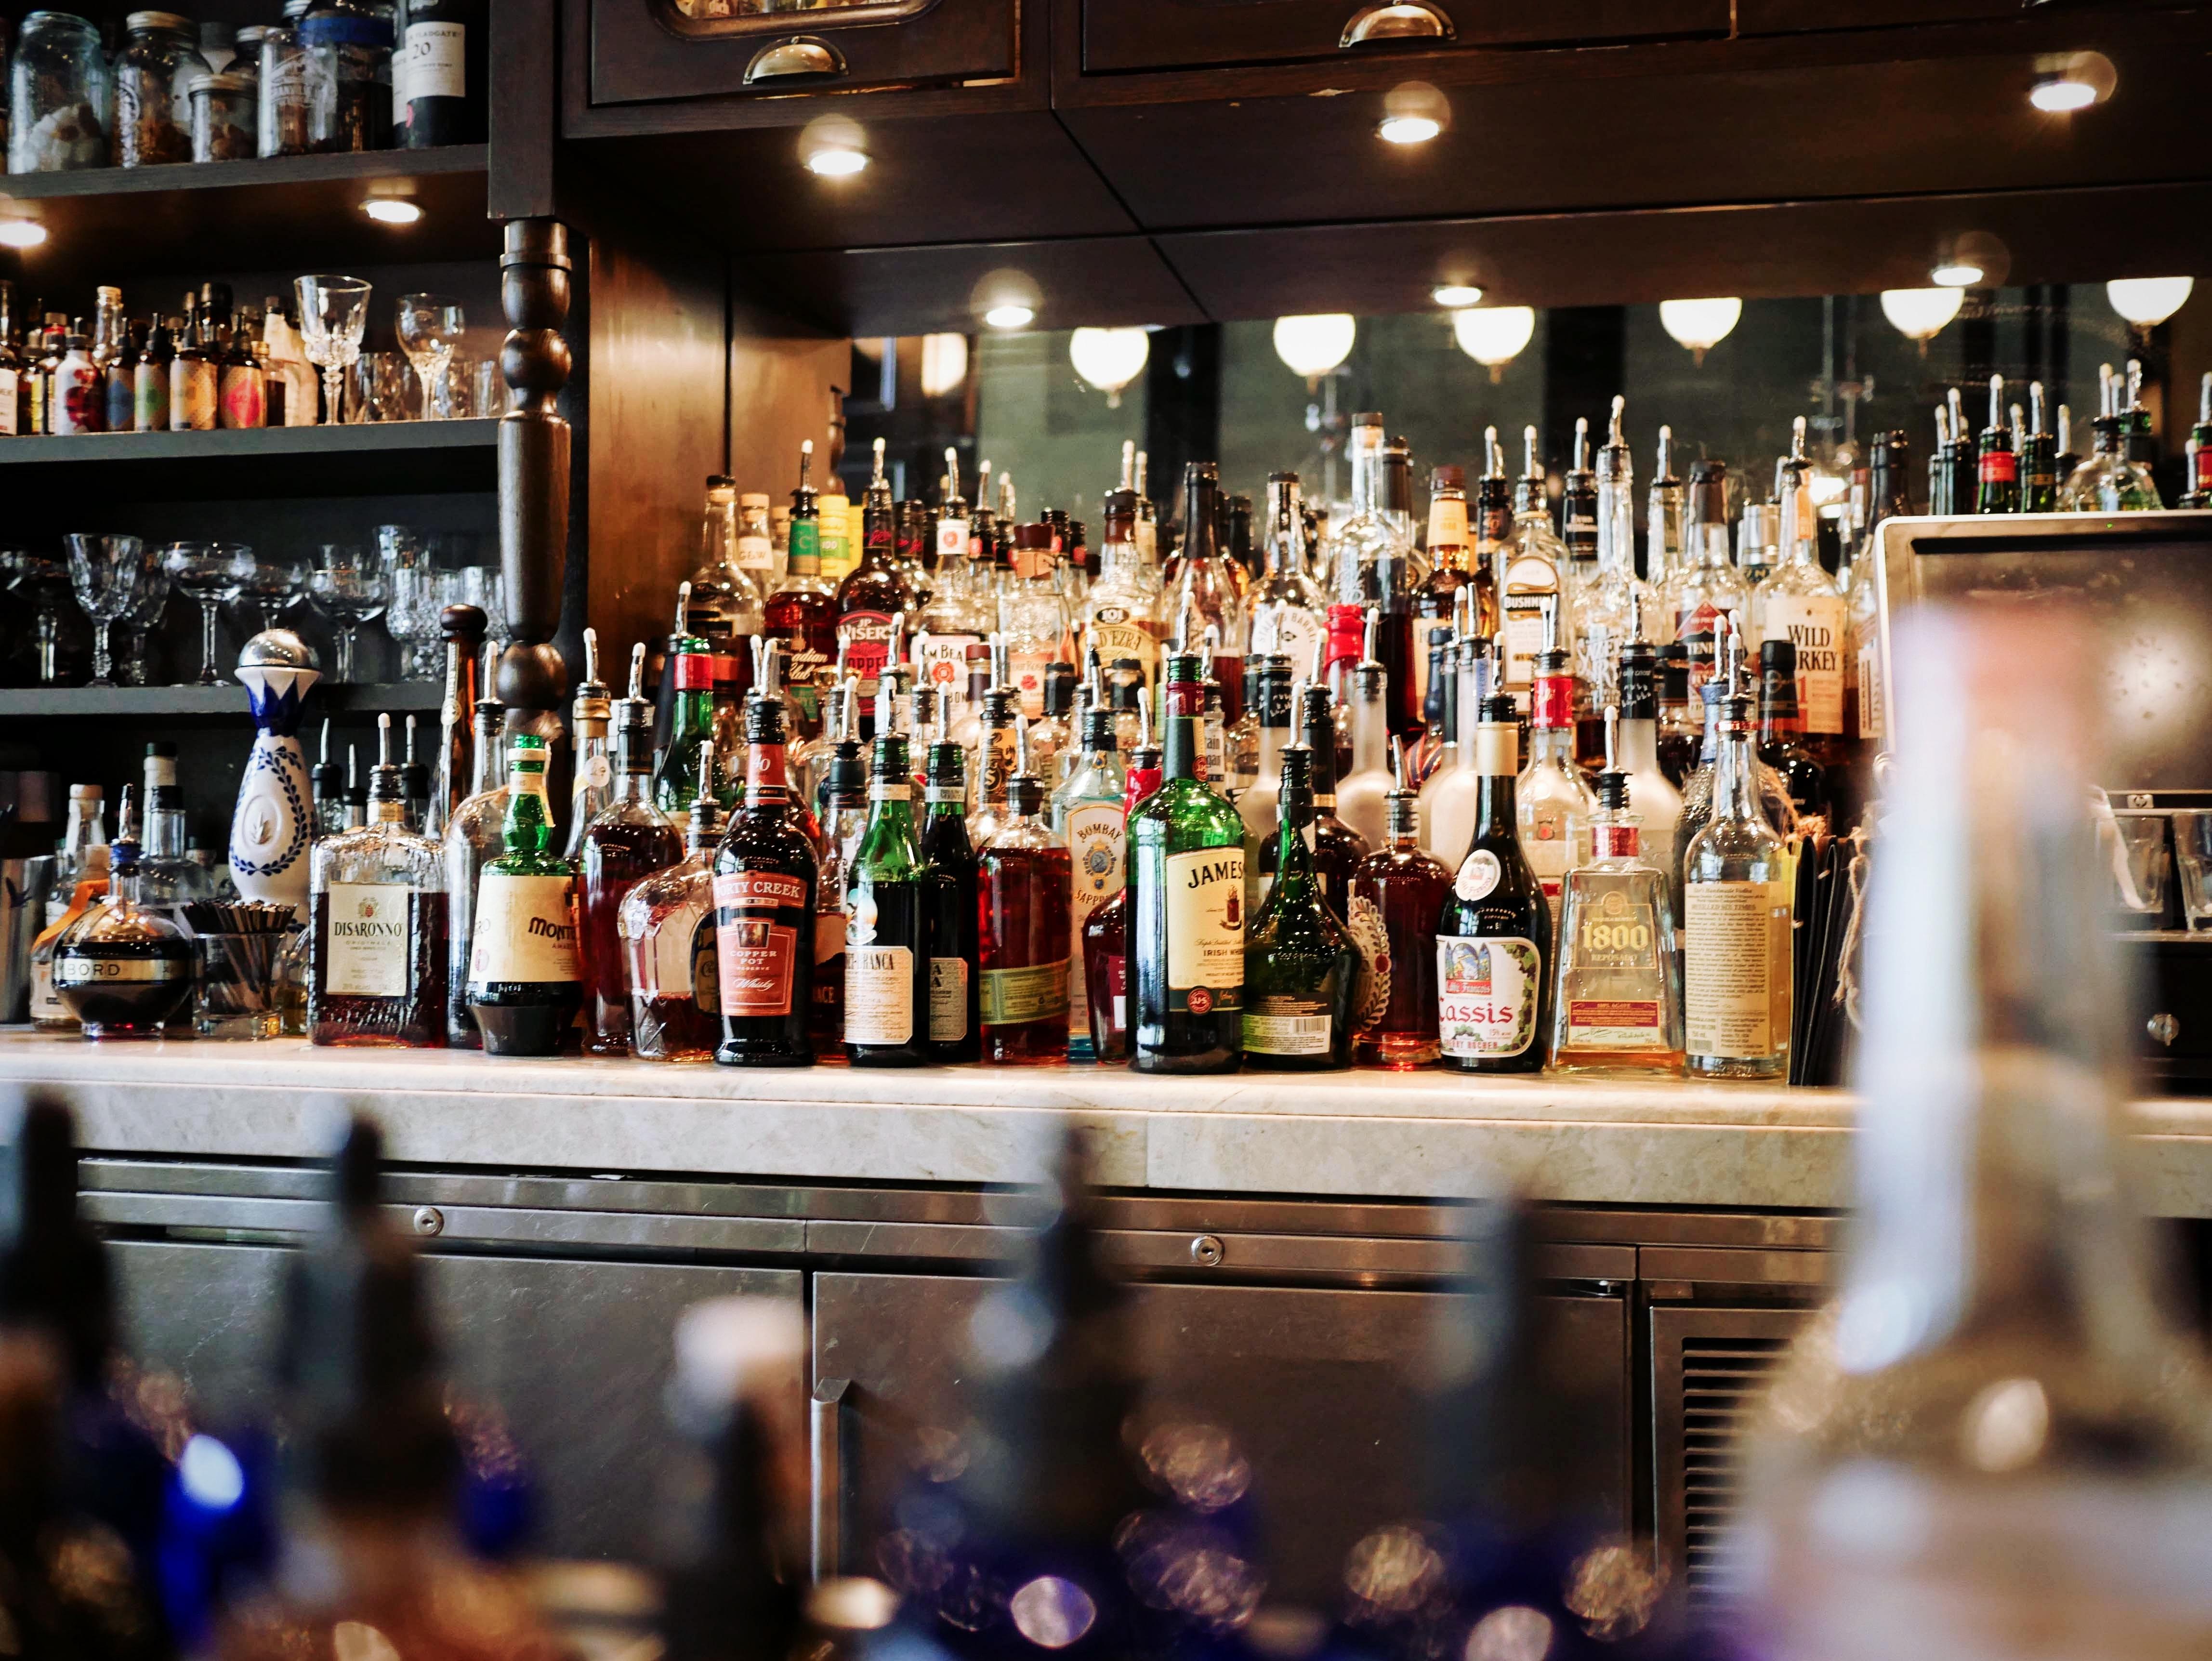 Kostenlose foto : Bar, Zähler, Getränk, Bier, Barmann, Flaschen ...